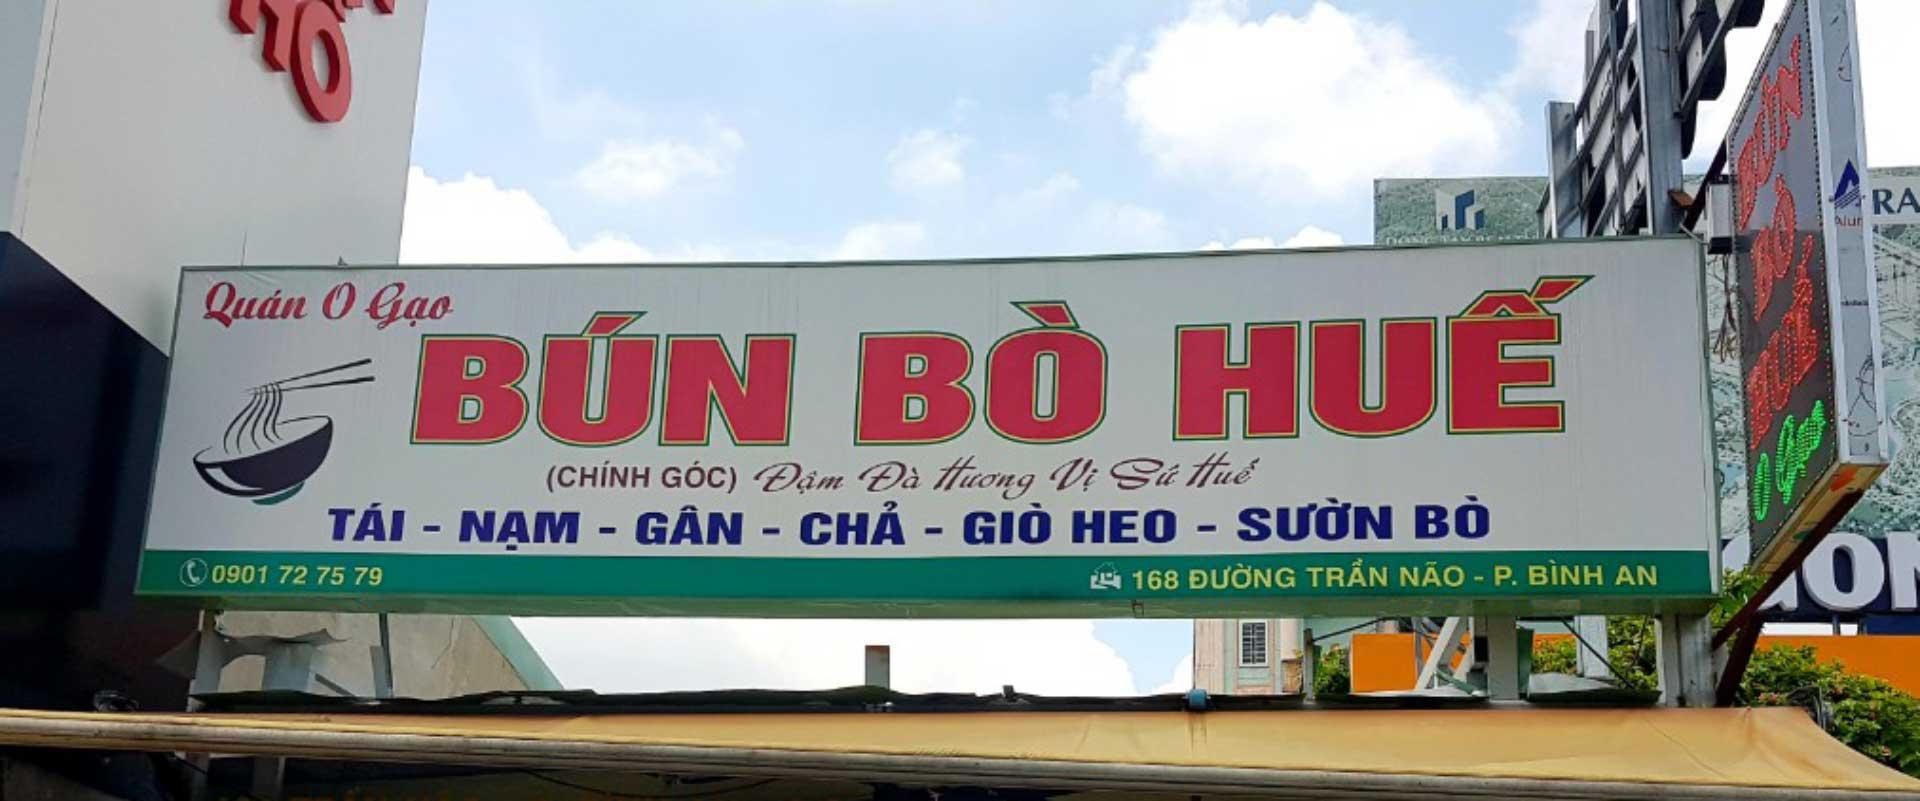 Bun Bo Hue a Saigon